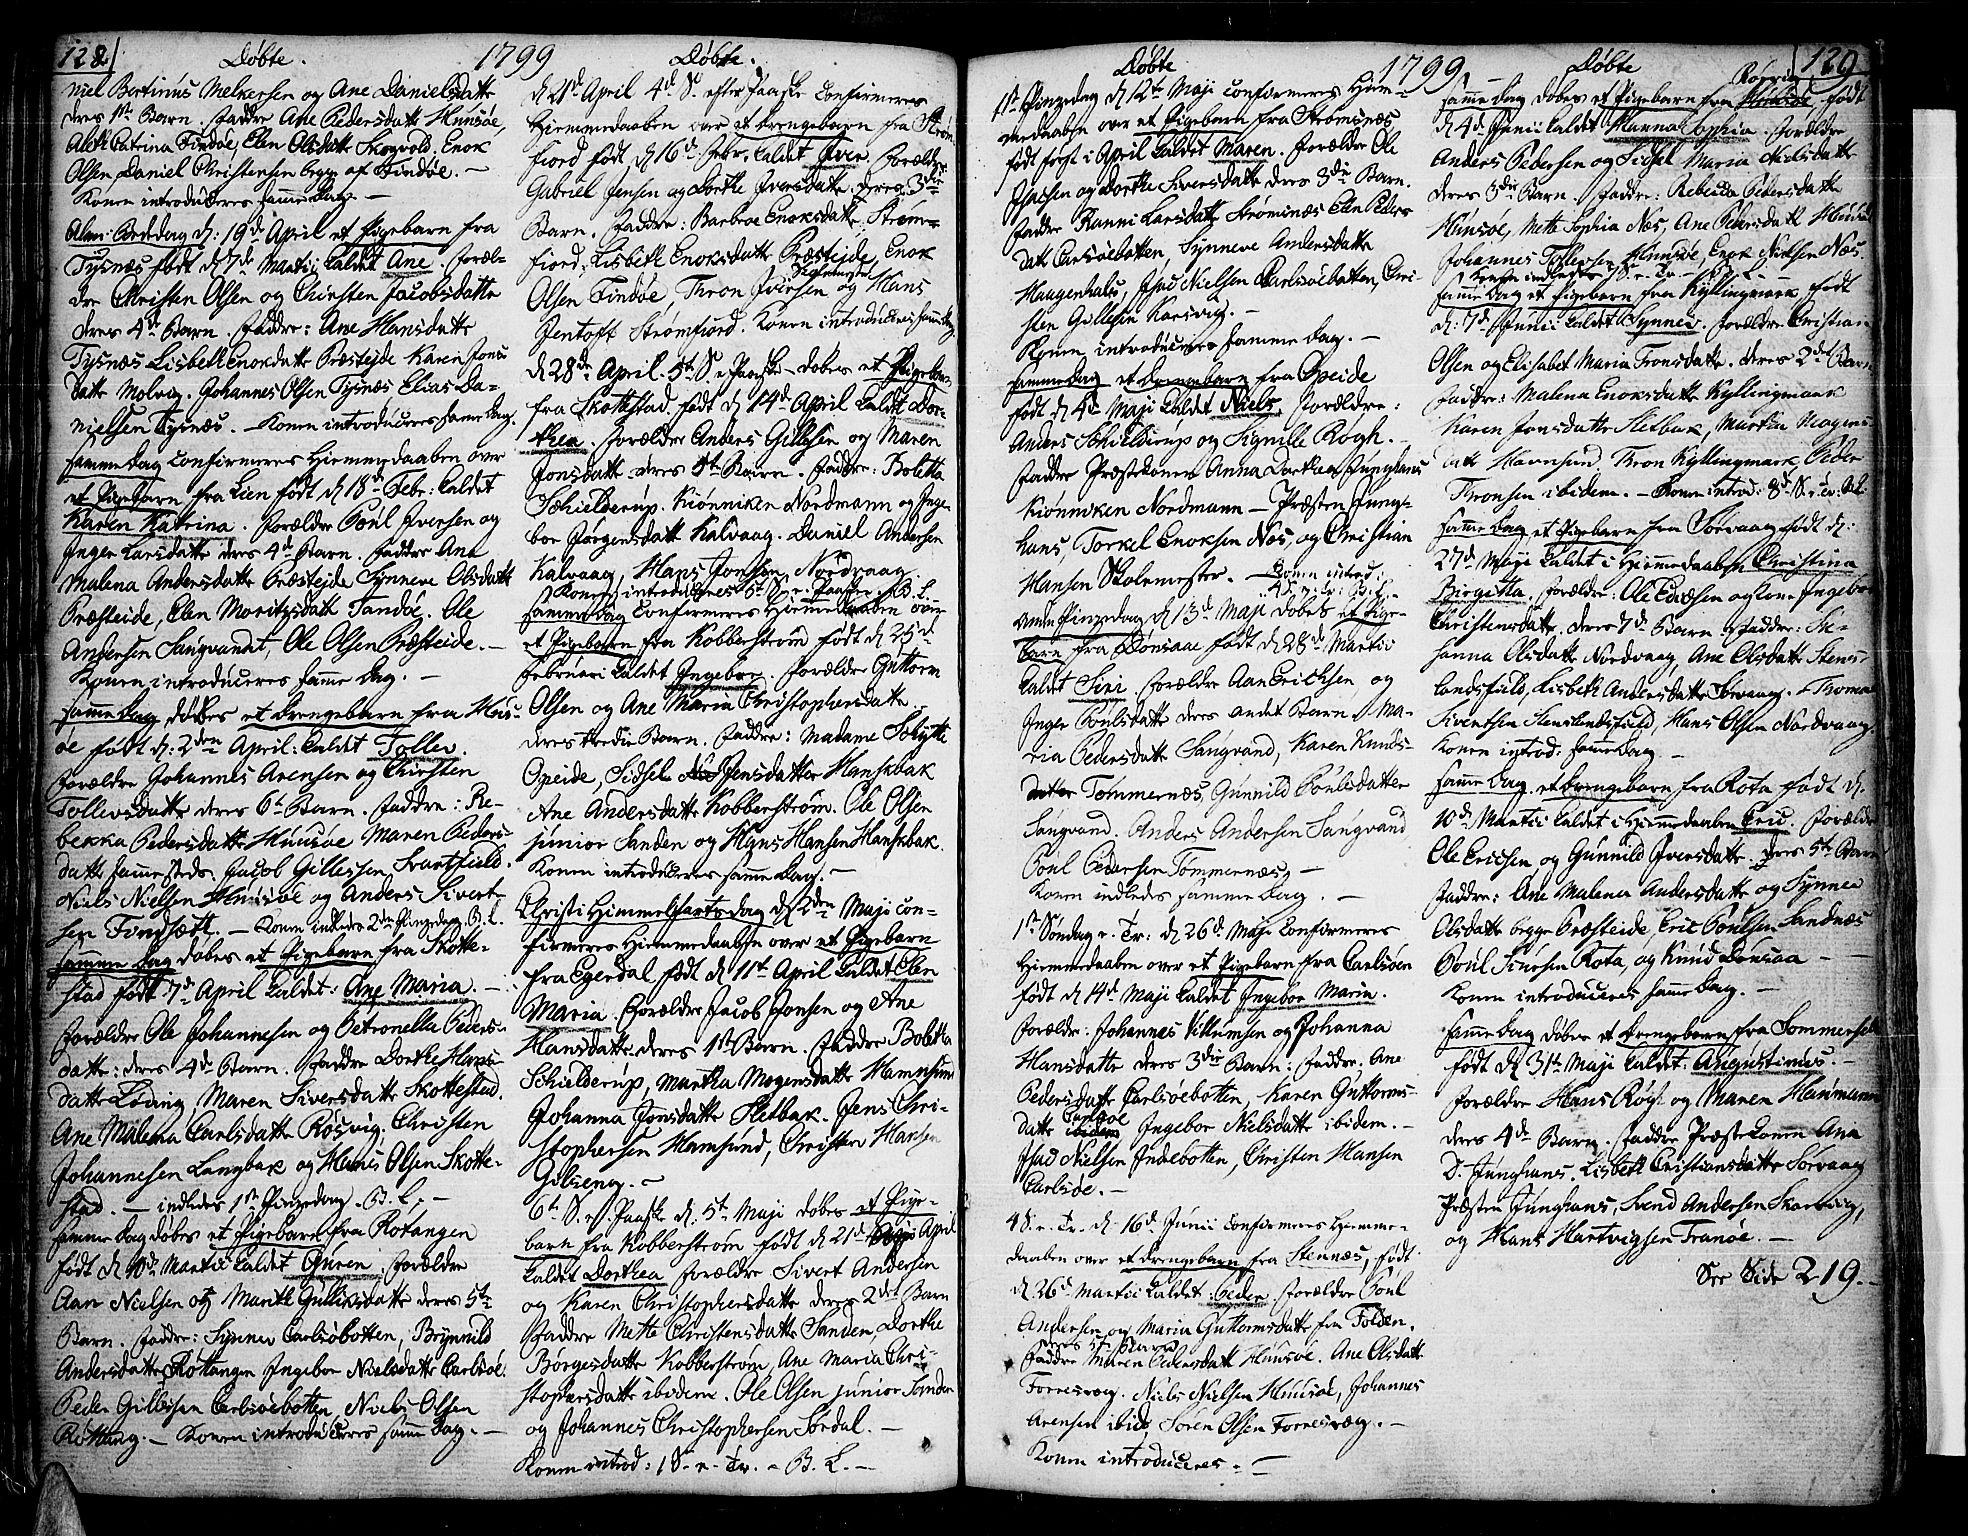 SAT, Ministerialprotokoller, klokkerbøker og fødselsregistre - Nordland, 859/L0841: Parish register (official) no. 859A01, 1766-1821, p. 128-129